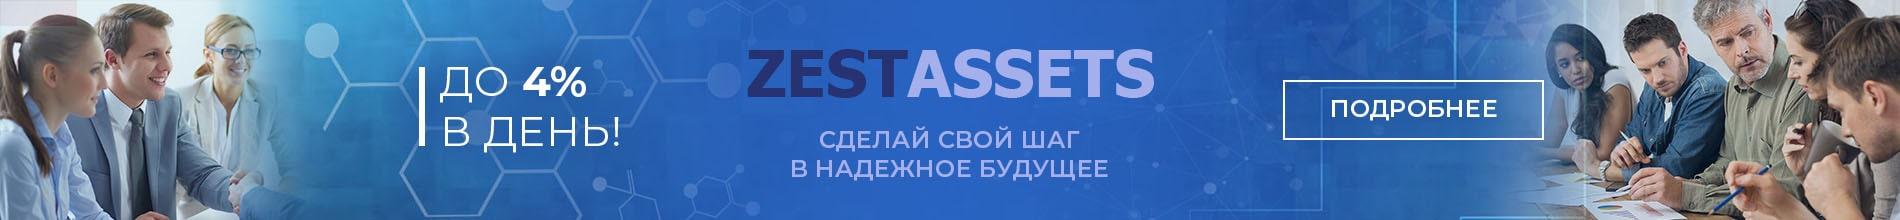 Баннер в шапке zest-assets